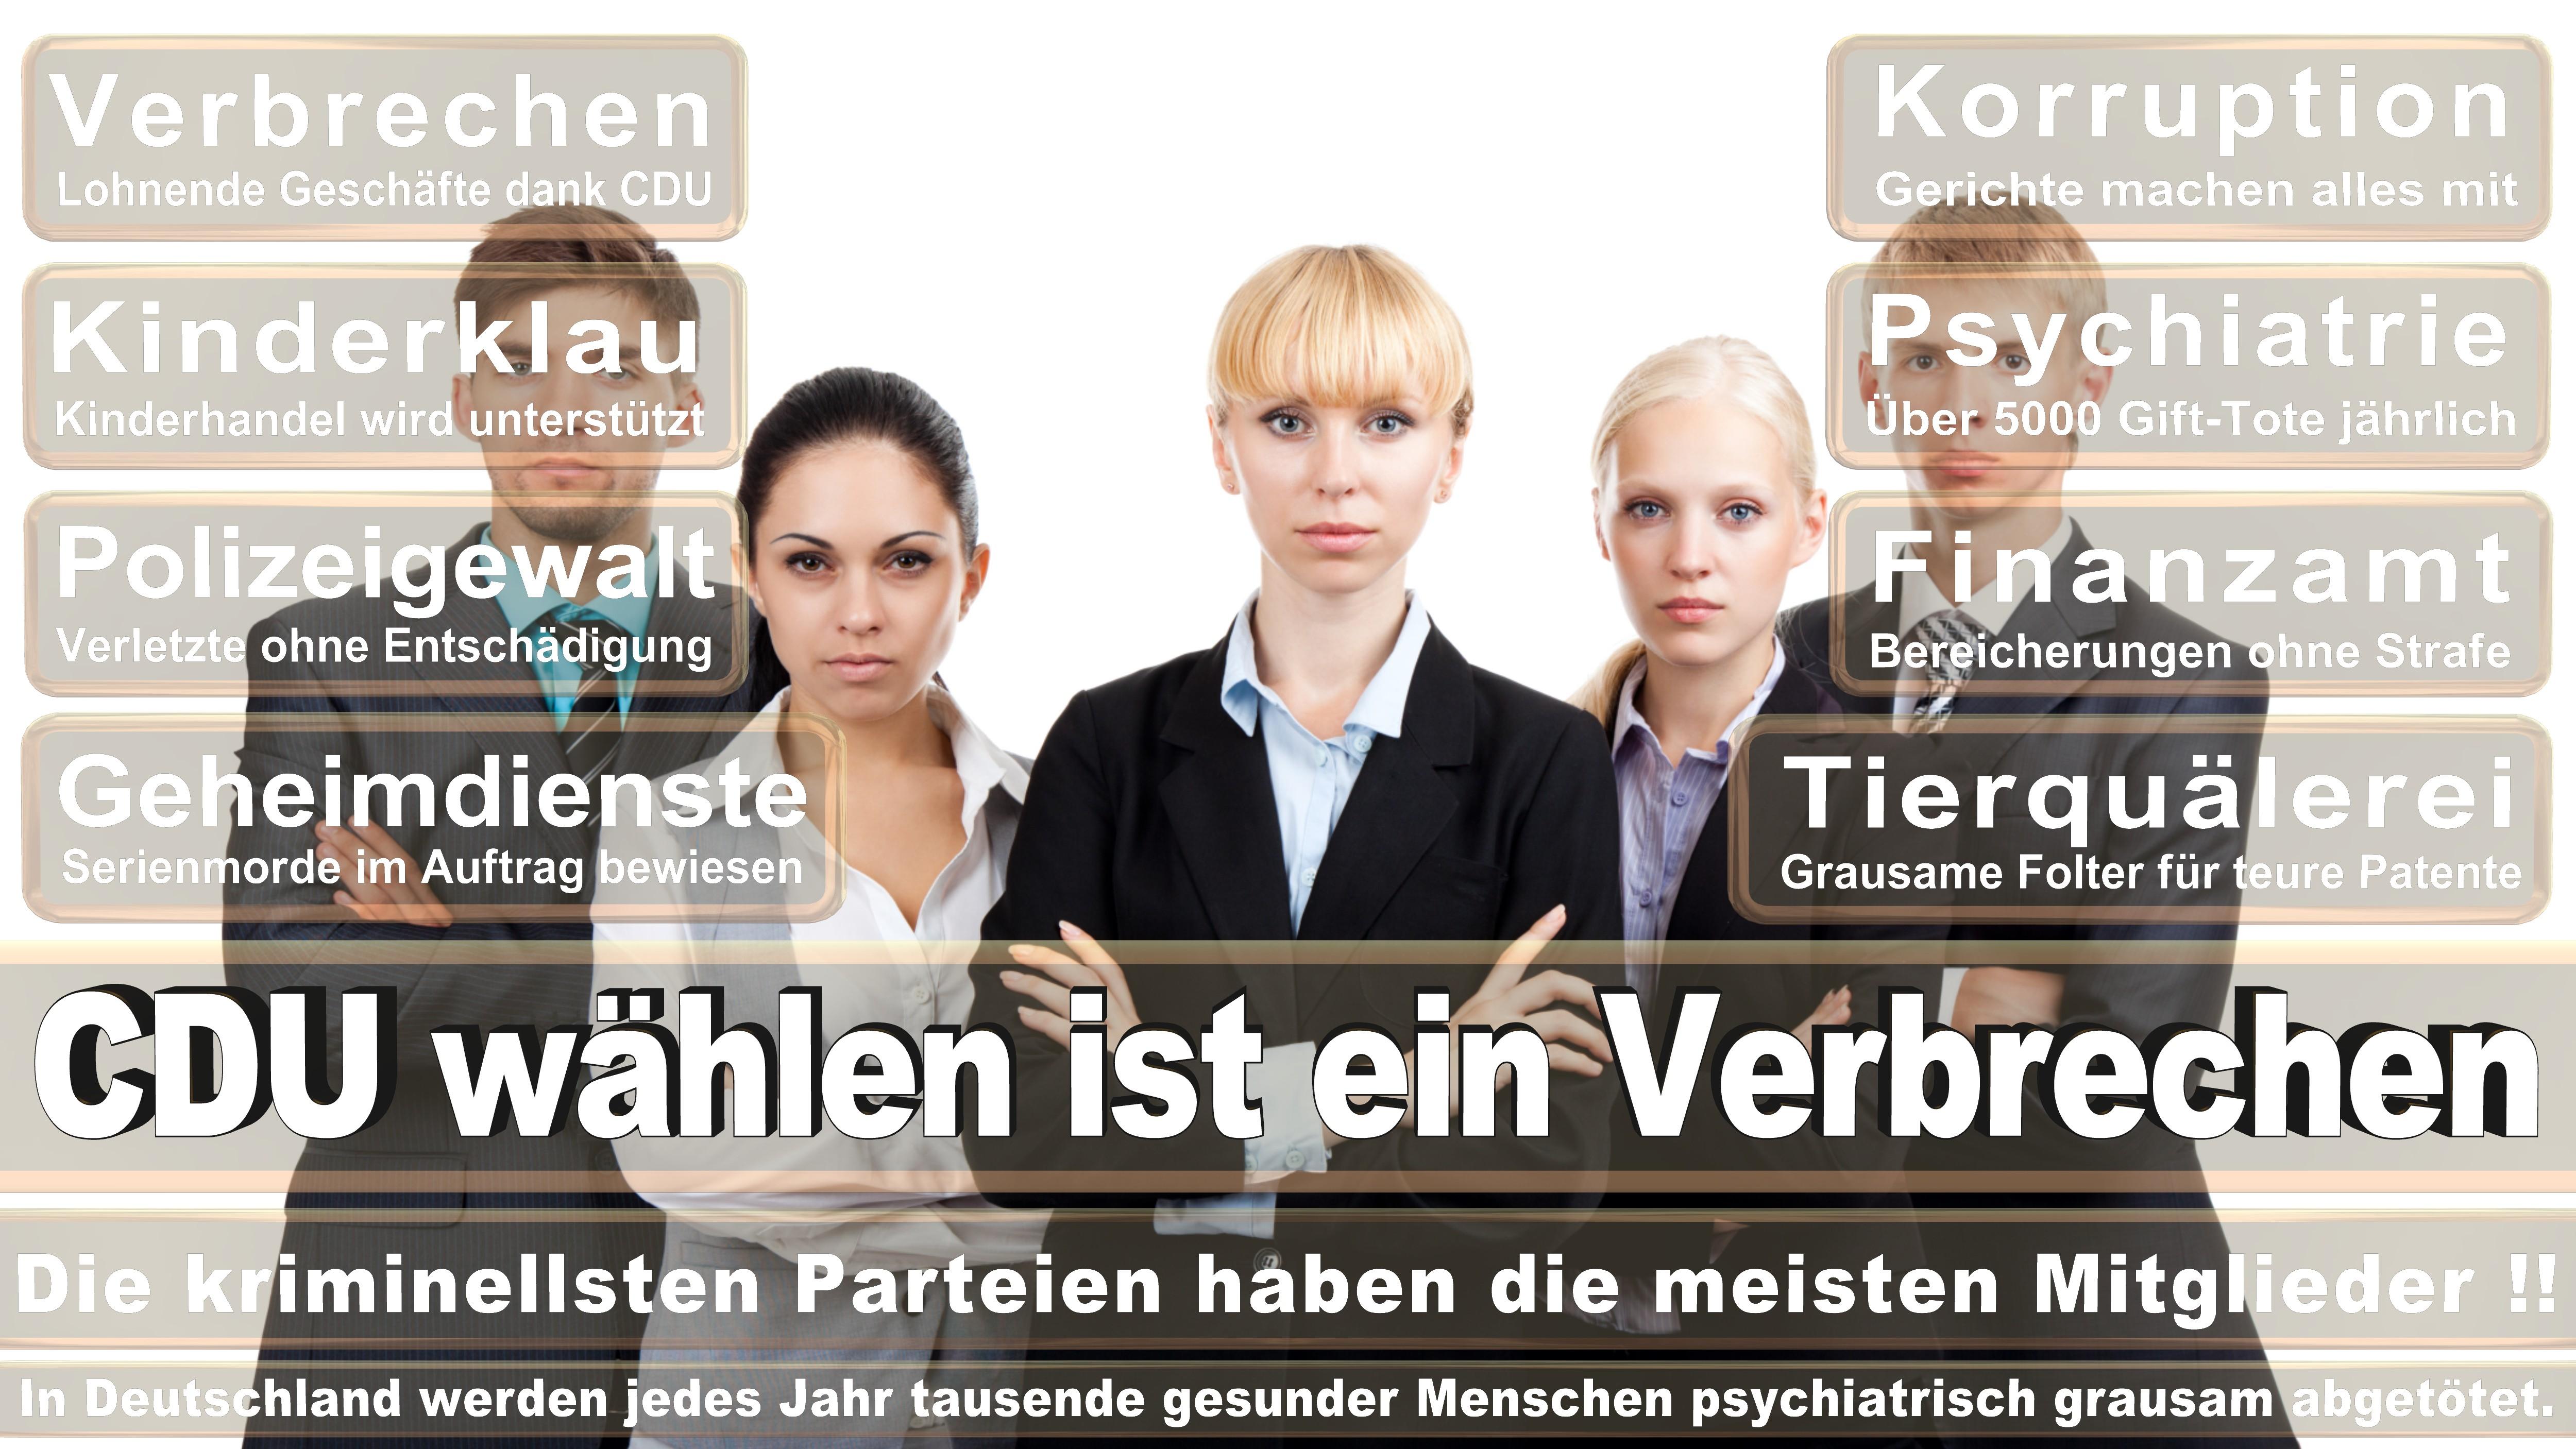 CDU, BIELEFELD, RATSMITGLIEDER, VORSTAND, ORTSVERBAND, MITGLIEDER (71)